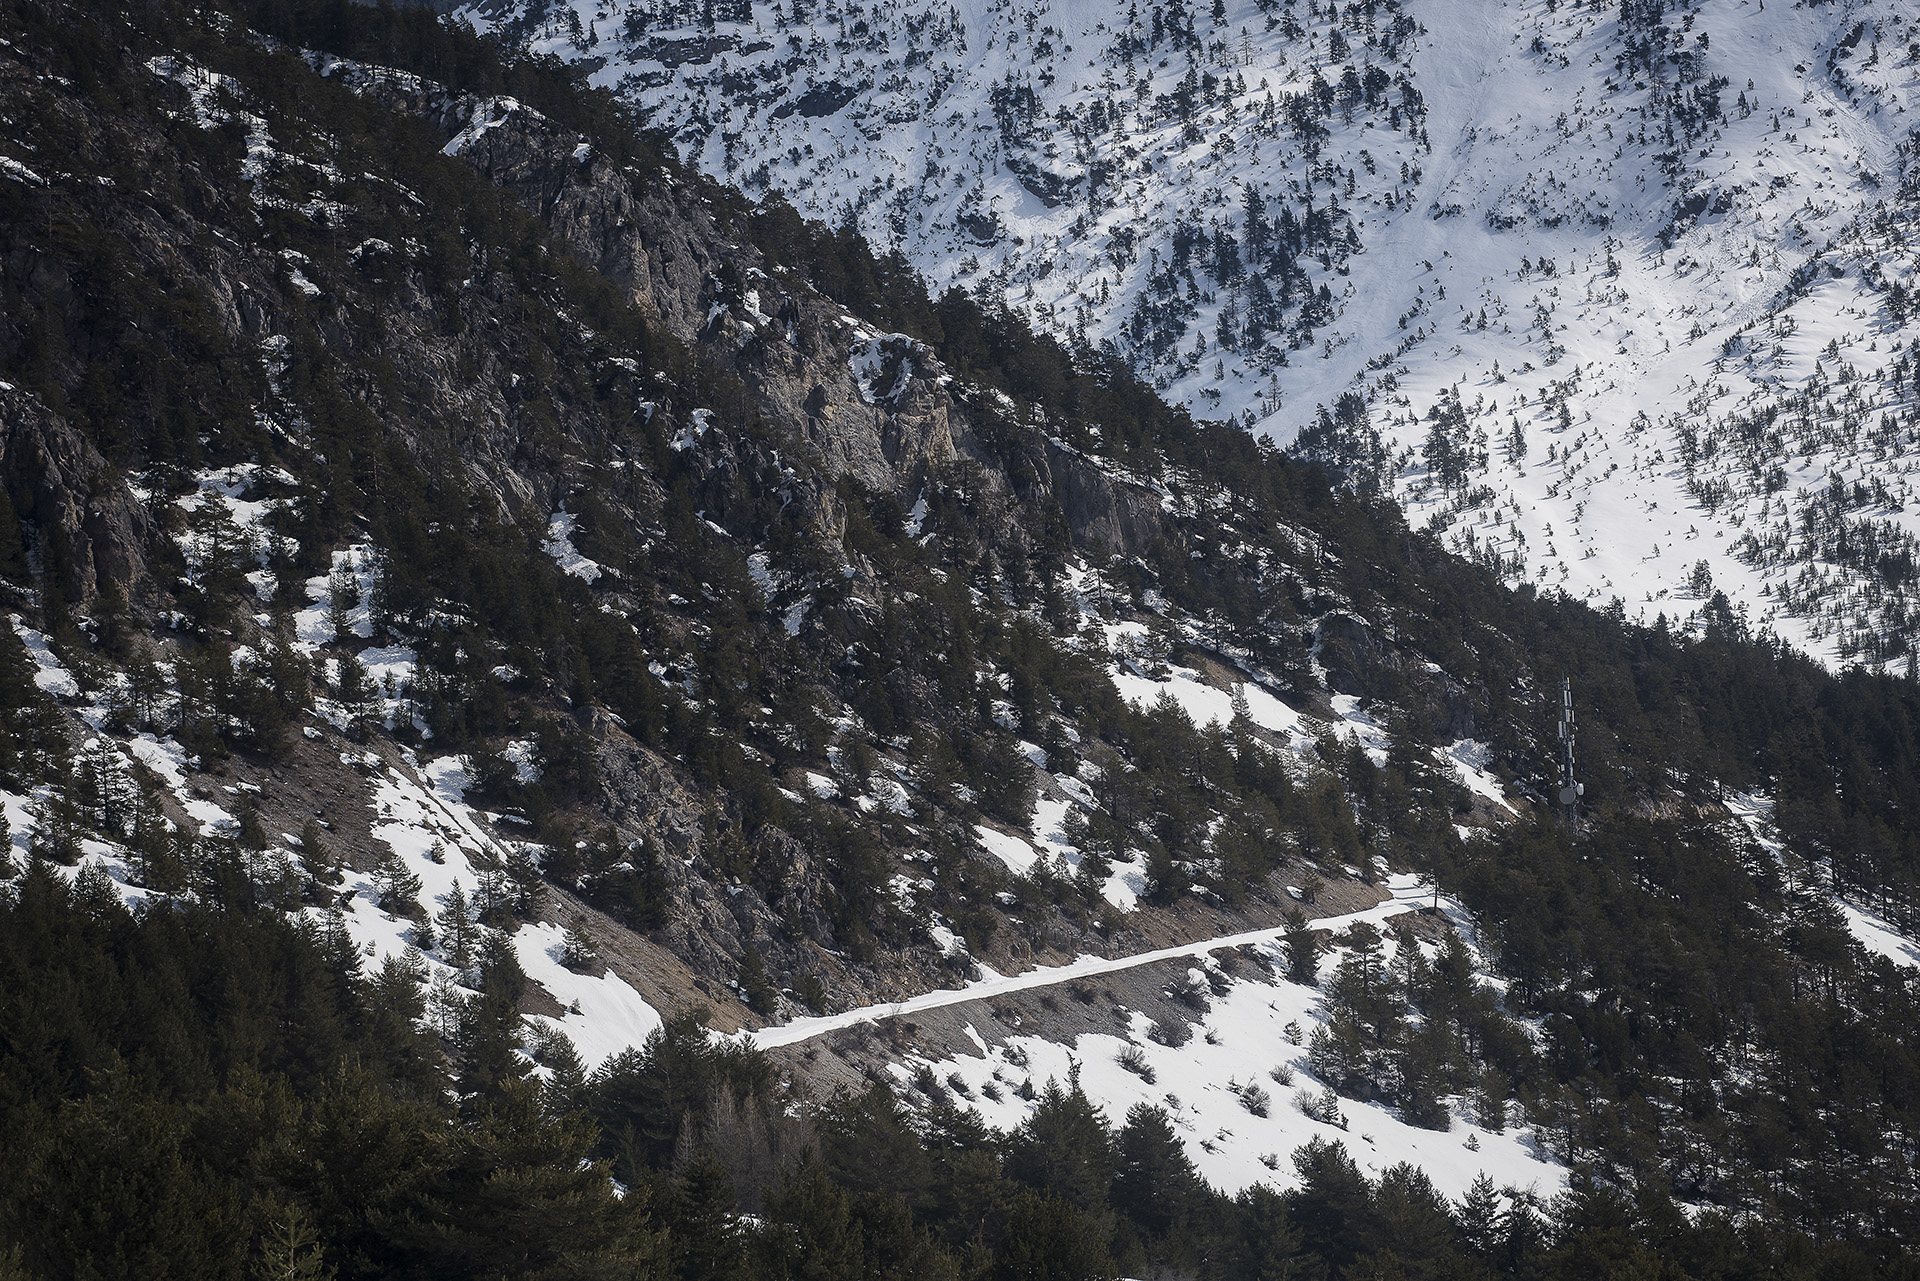 En sortant de la gare de Bardonecchia, il suffit de continuer tout droit. Quelques lacets et kilomètres plus loin, une flèche en bois avec les mot «Francia» et «col de l'Echelle» pointe la direction à suivre. Depuis le blocage de la vallée de la Roya, de nombreux migrants tentent de franchir la frontière franco-italienne par cette route. Cependant, si le passage de ce col alpin qui culmine à 1 762 mètres d'altitude est déjà, en été, une épreuve, sans équipement en plein hiver, les chances de survie, y sont faibles.